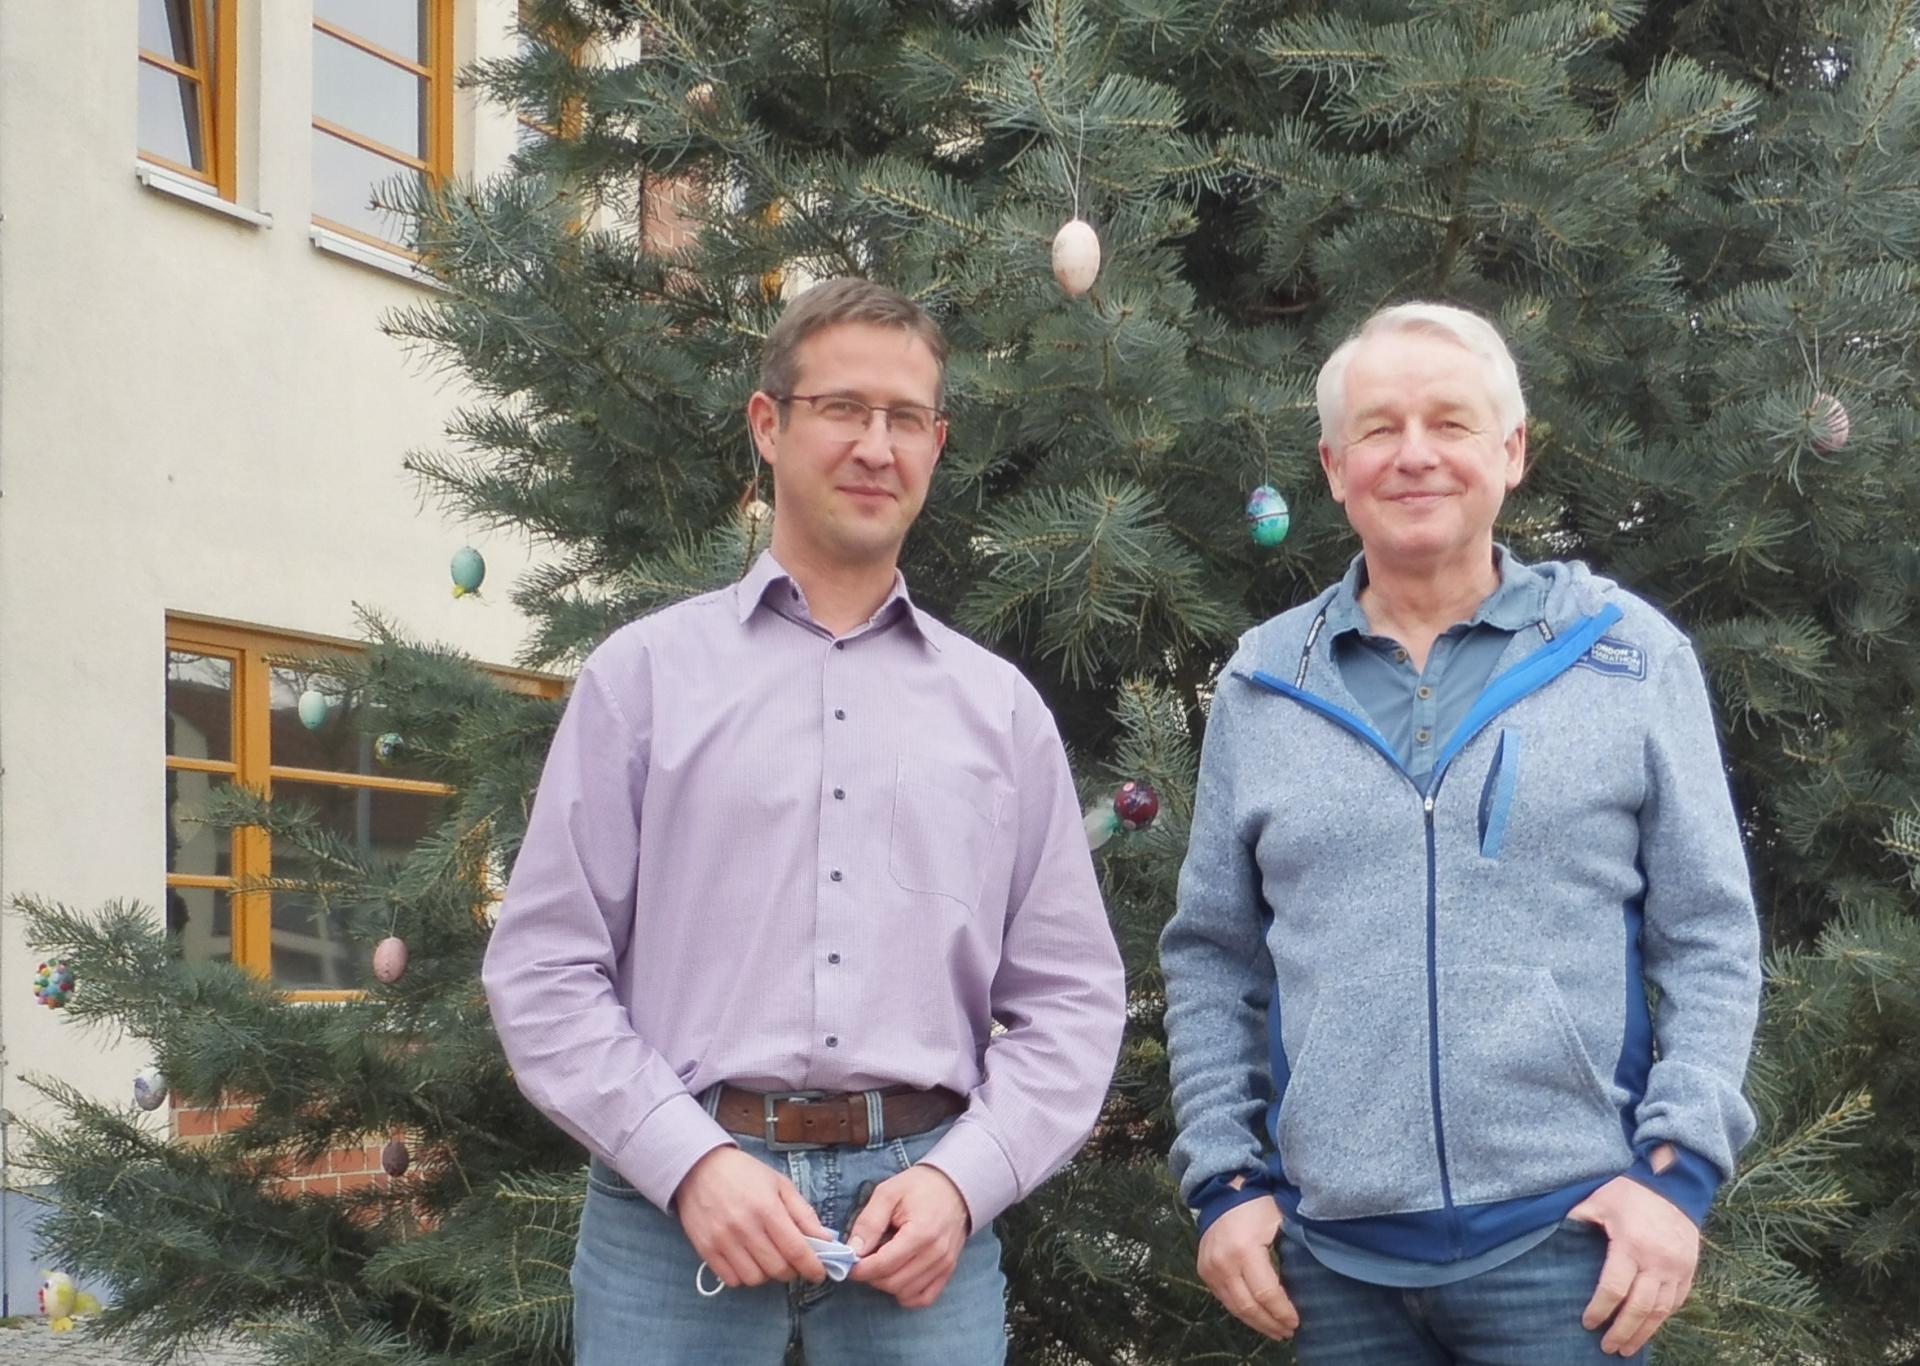 Der Vorsitzende des Golzower Kultur- und Dorfvereins e. V. Peter Reinholdt und der stellvertretende Amtsdirektor Lars Nissen (v.r.n.l.).